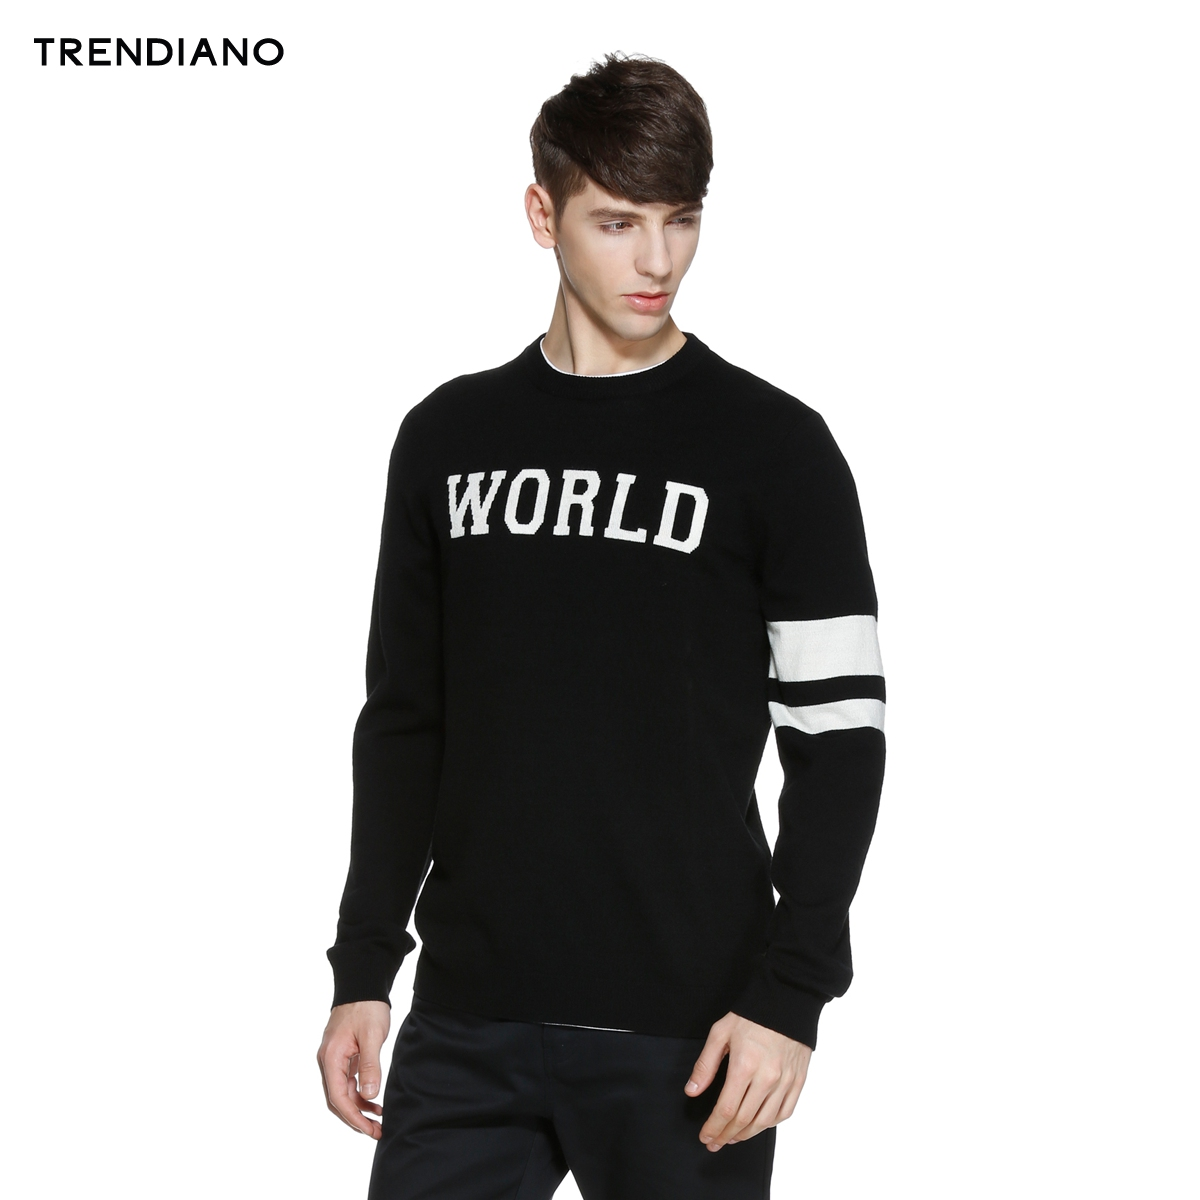 TRENDIANO người đàn ông mới của mùa xuân quần áo triều thư giản dị màu vòng cổ áo thun dài tay áo len 3HC103389E